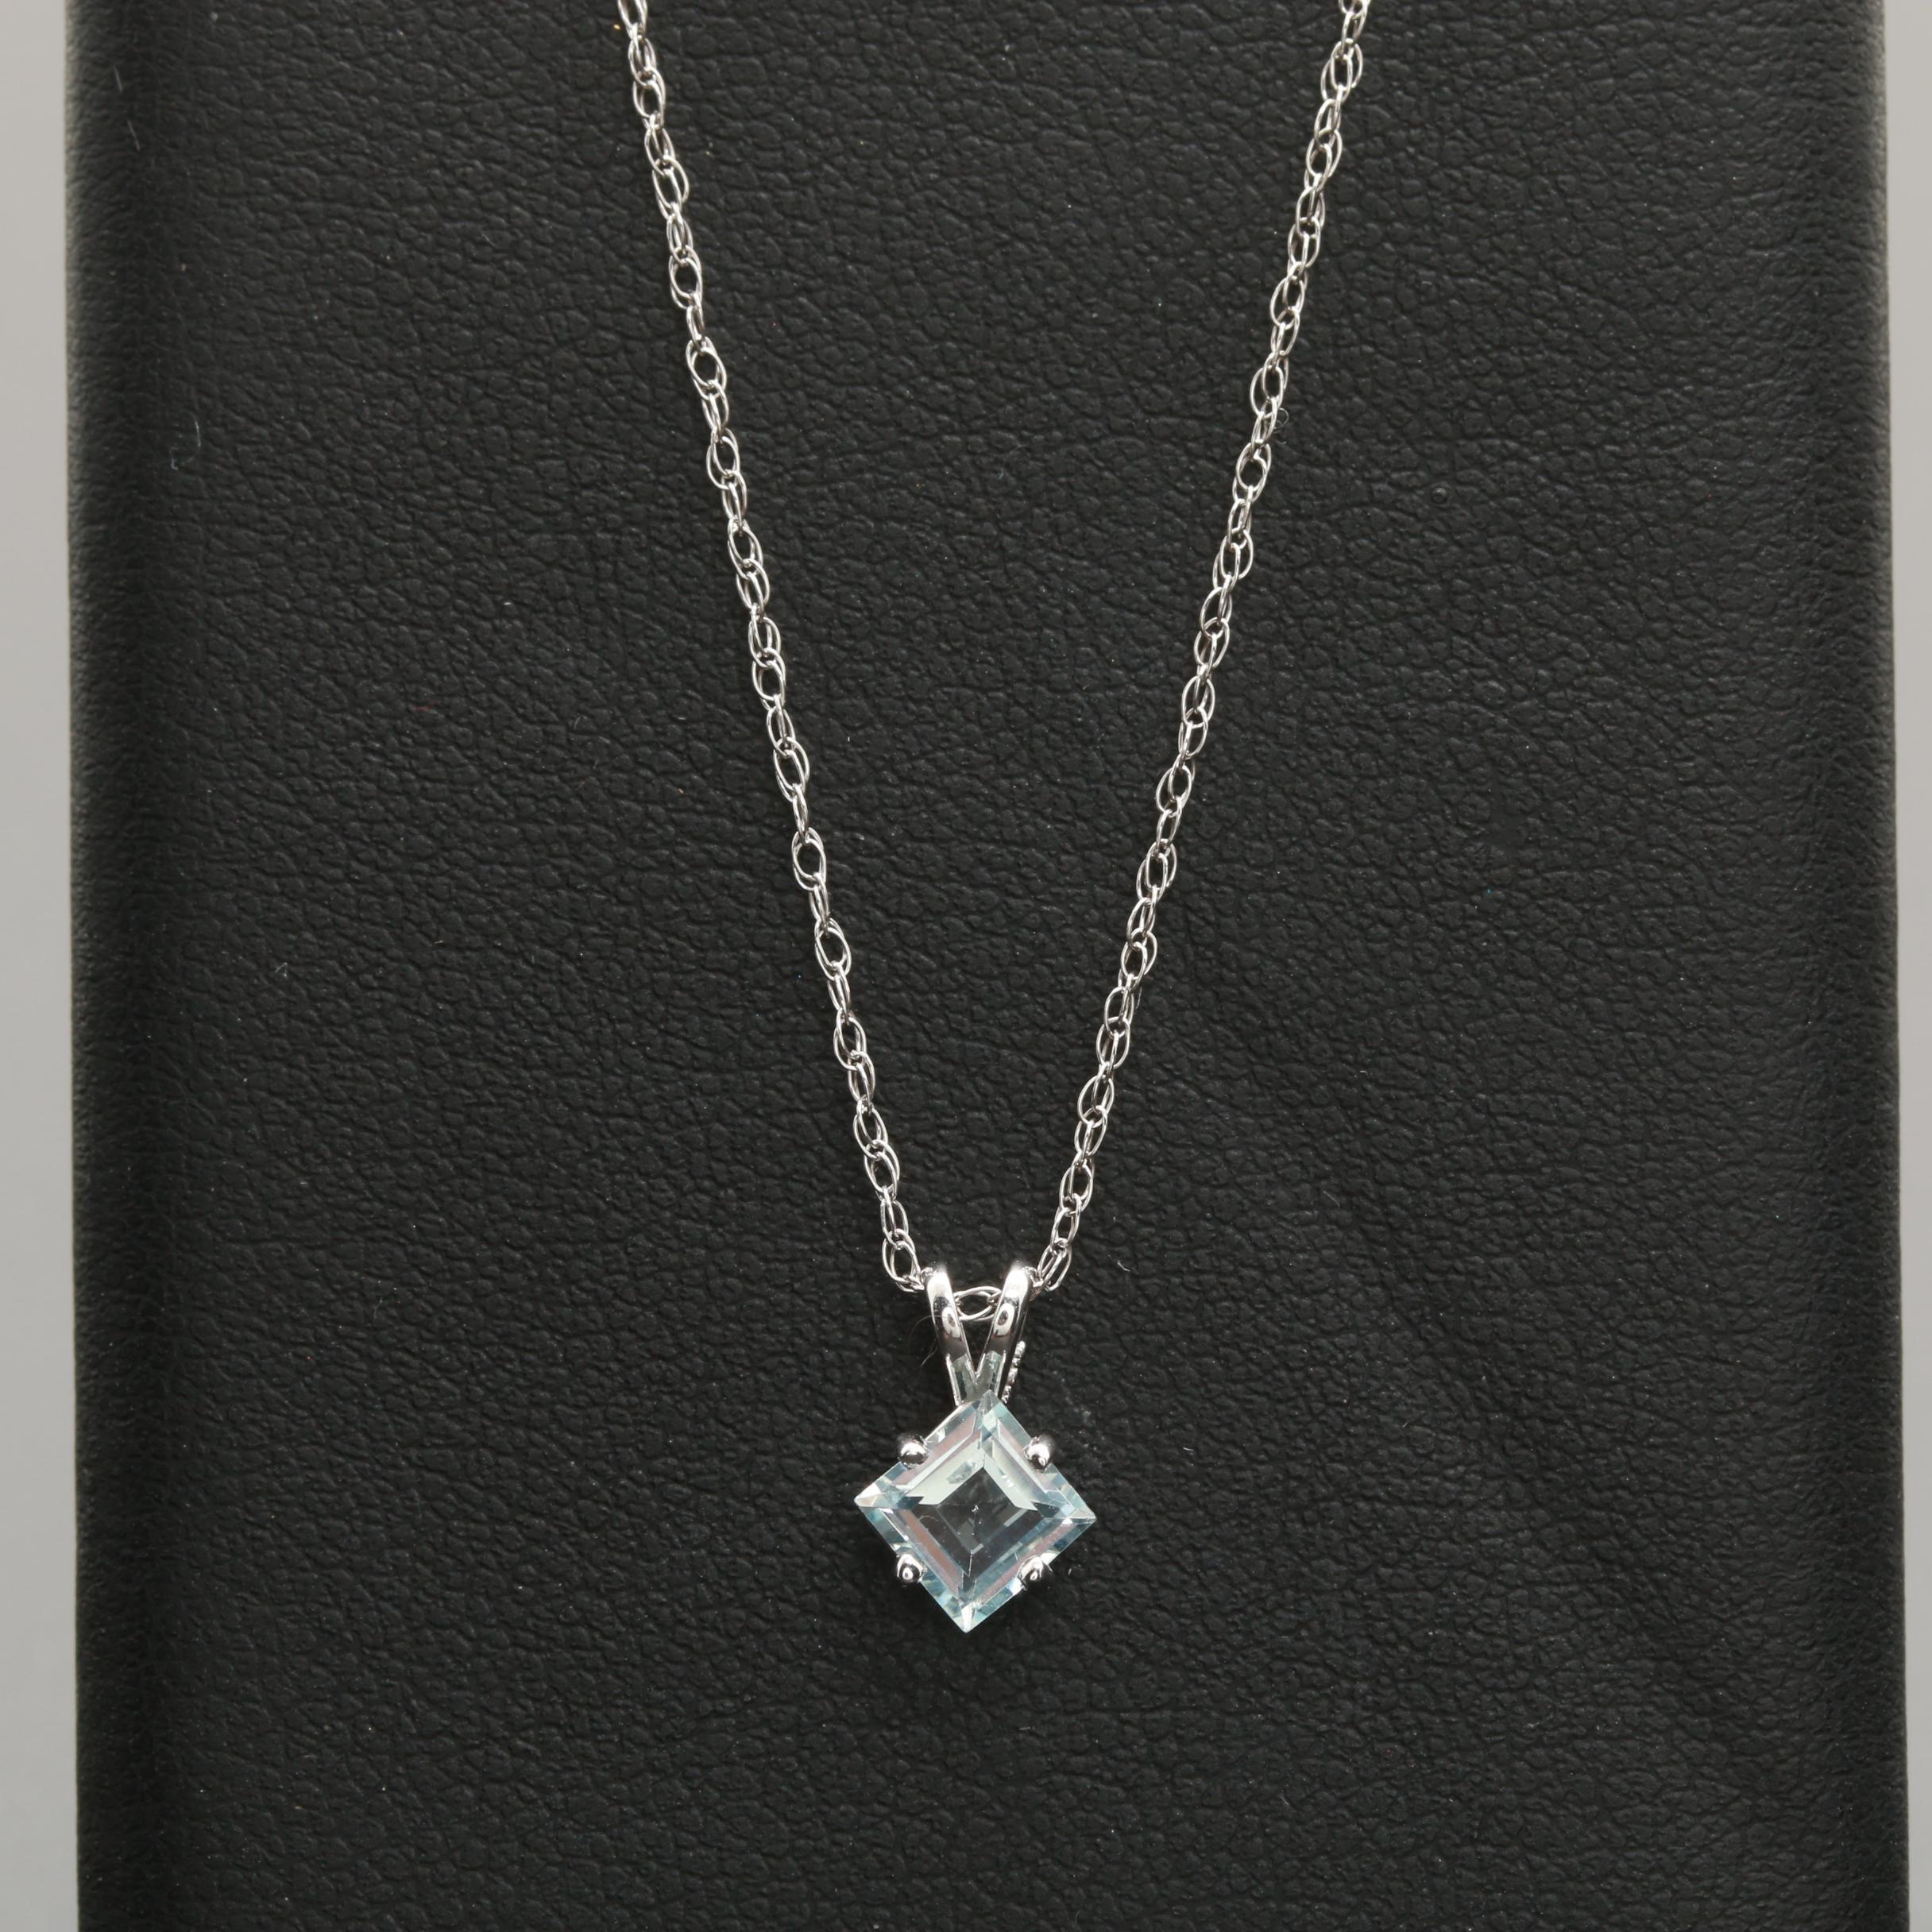 14K White Gold Aquamarine Pendant Necklace